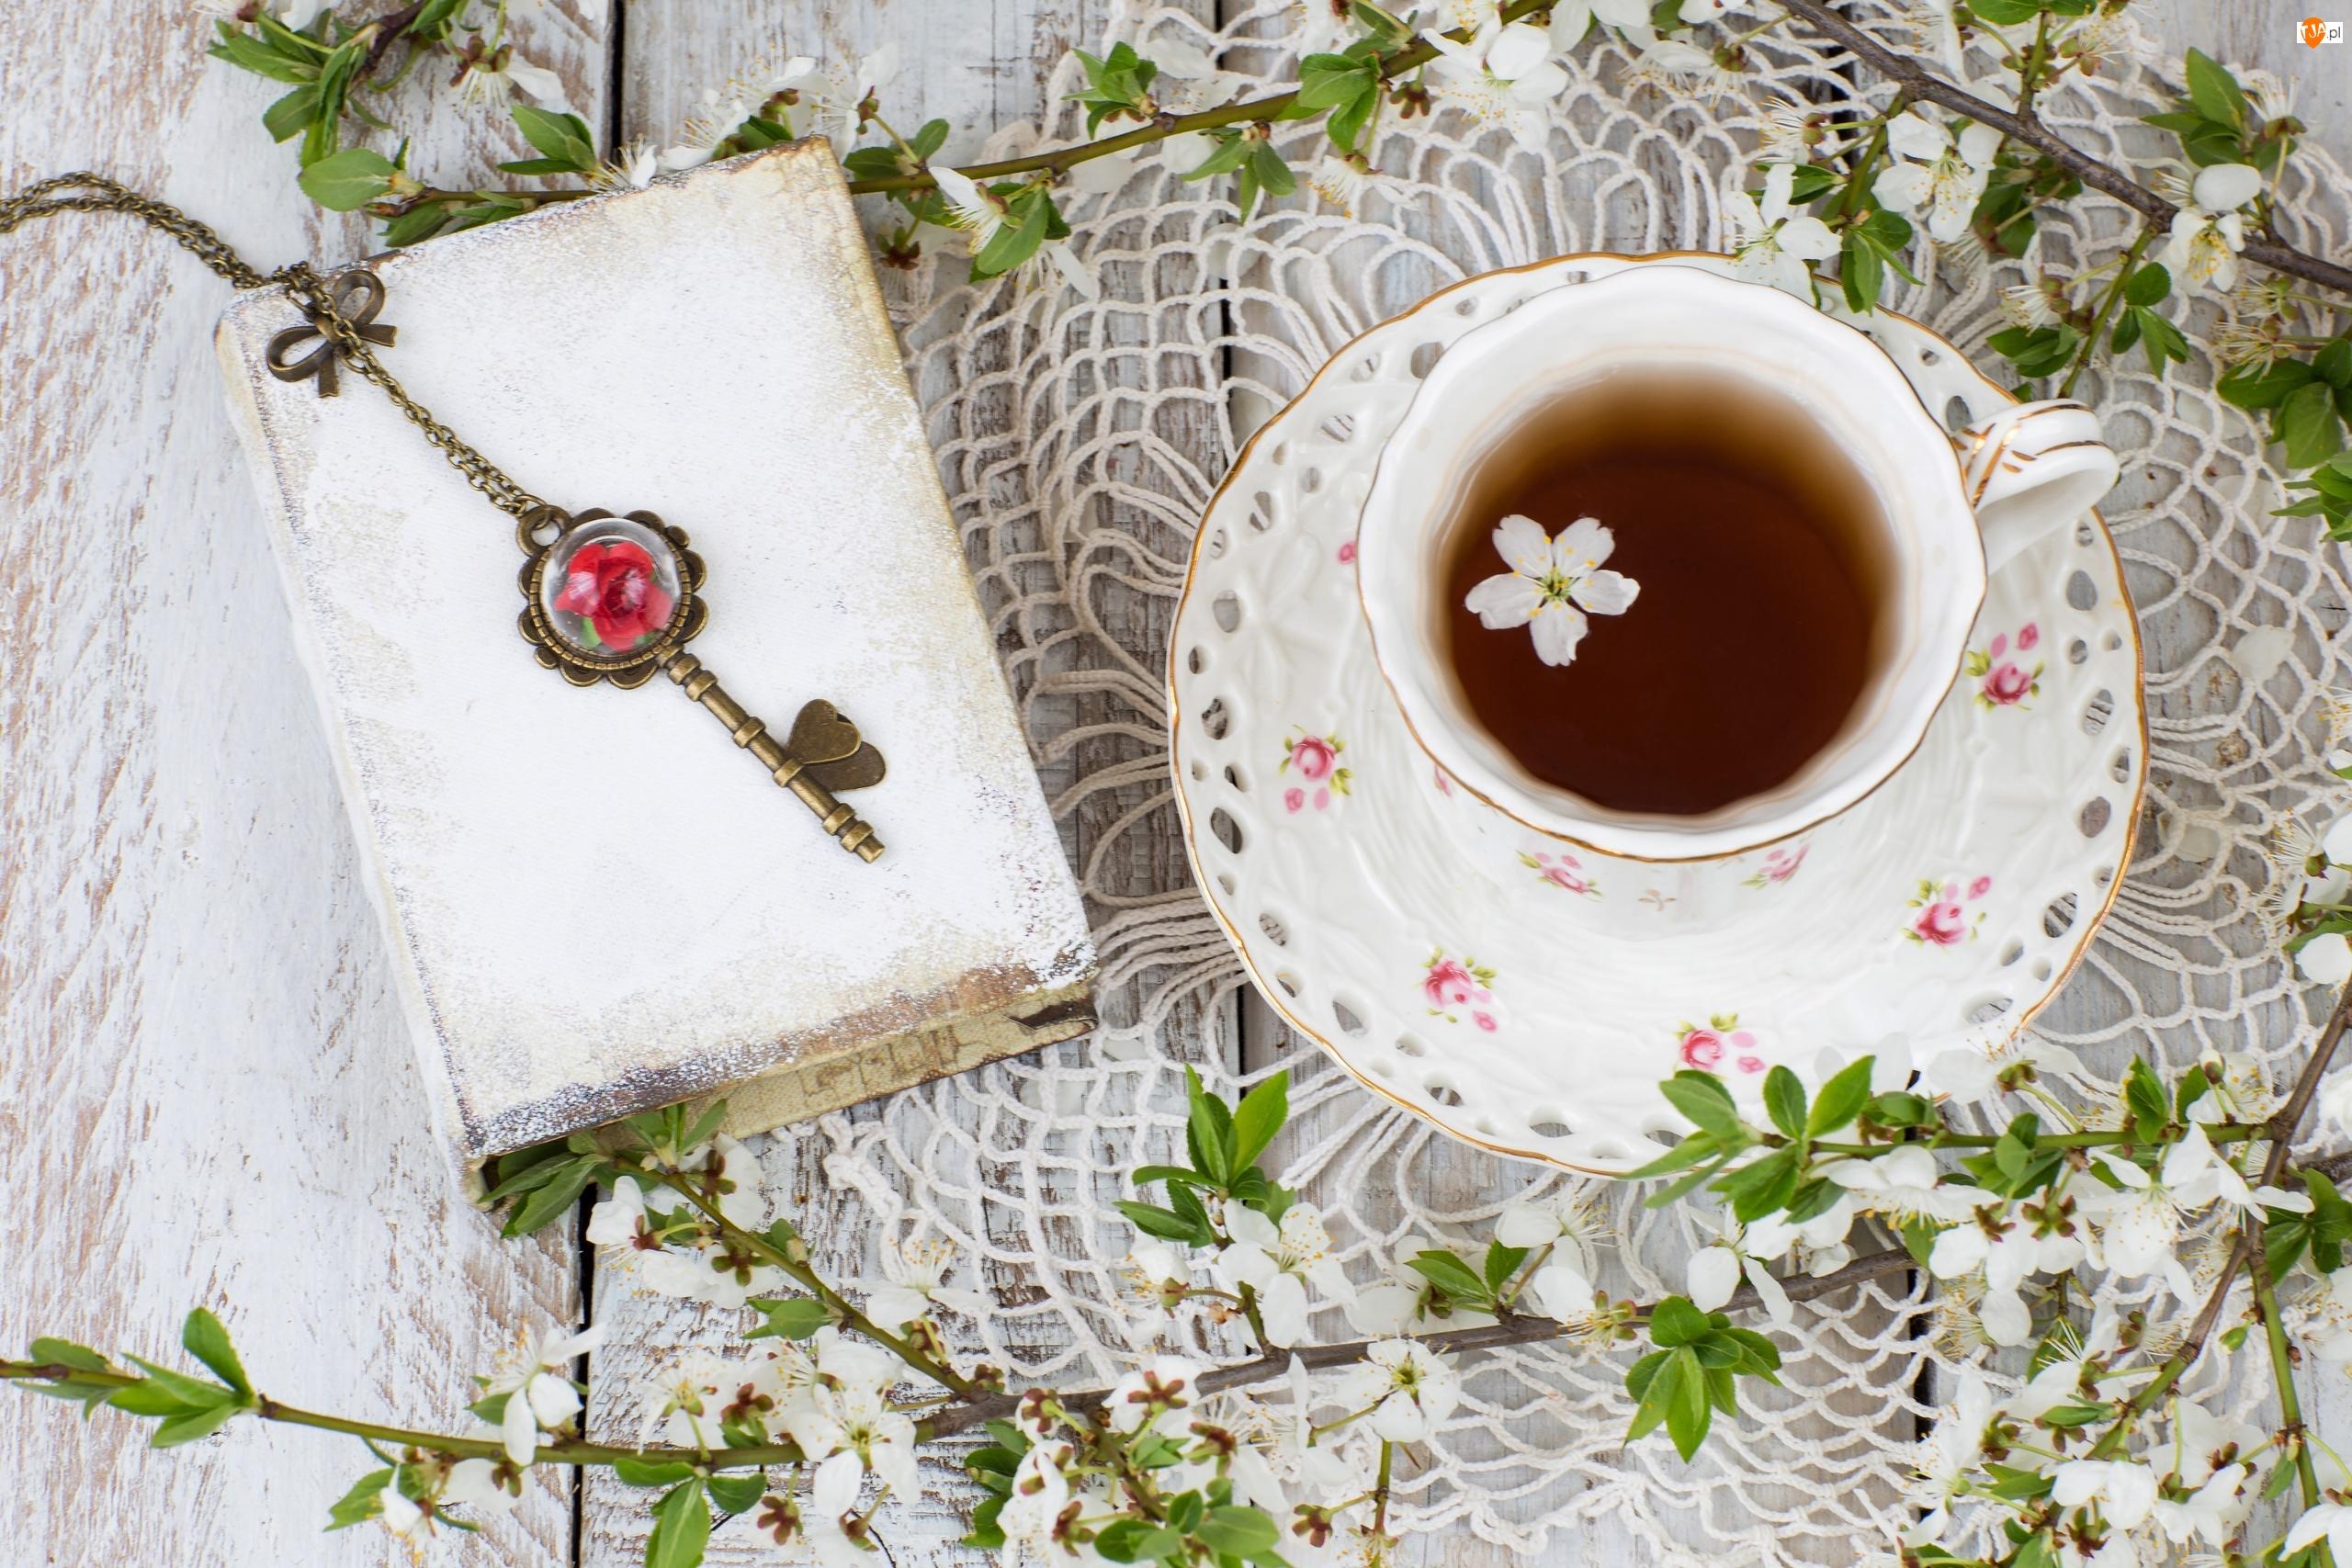 Kwiat, Herbata, Spodek, Kompozycja, Filiżanka, Książka, Klucz